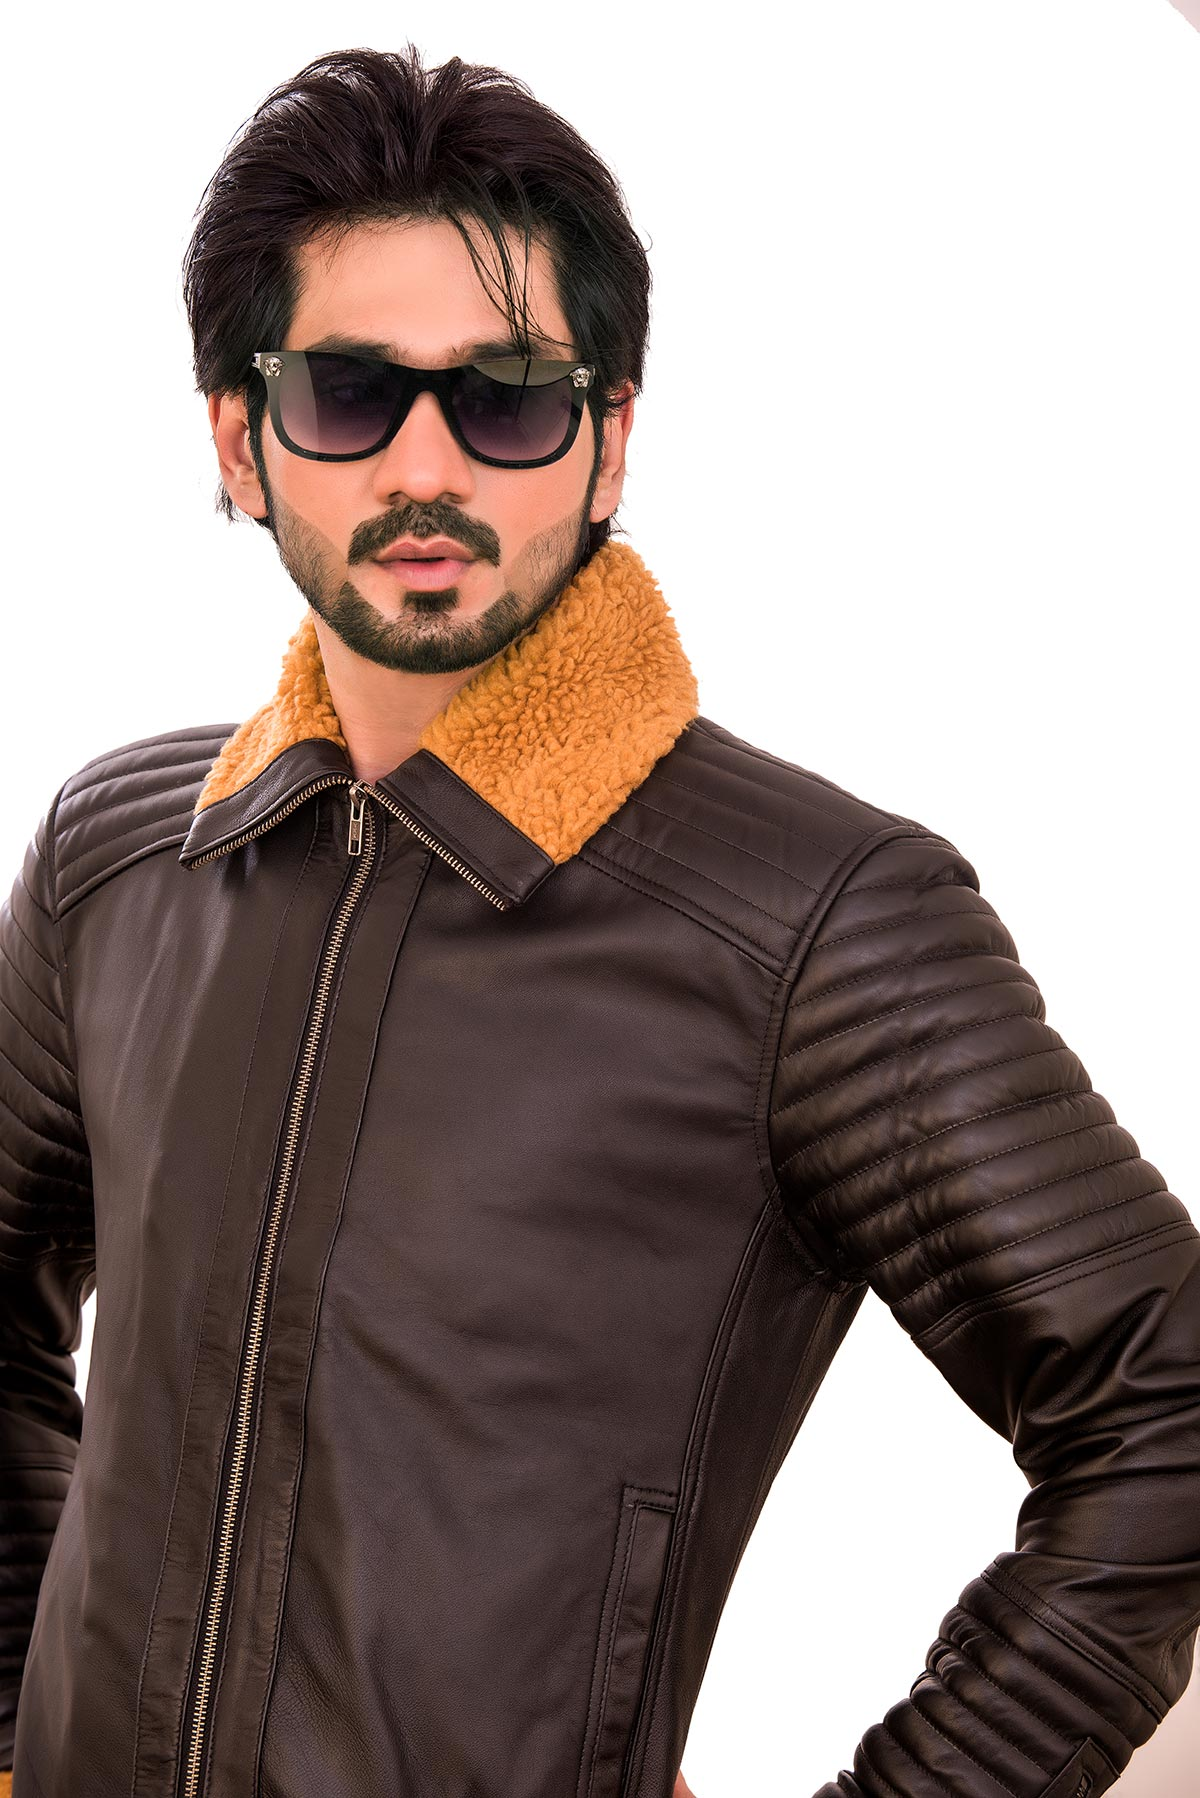 men's fashion 2021 leather jacket